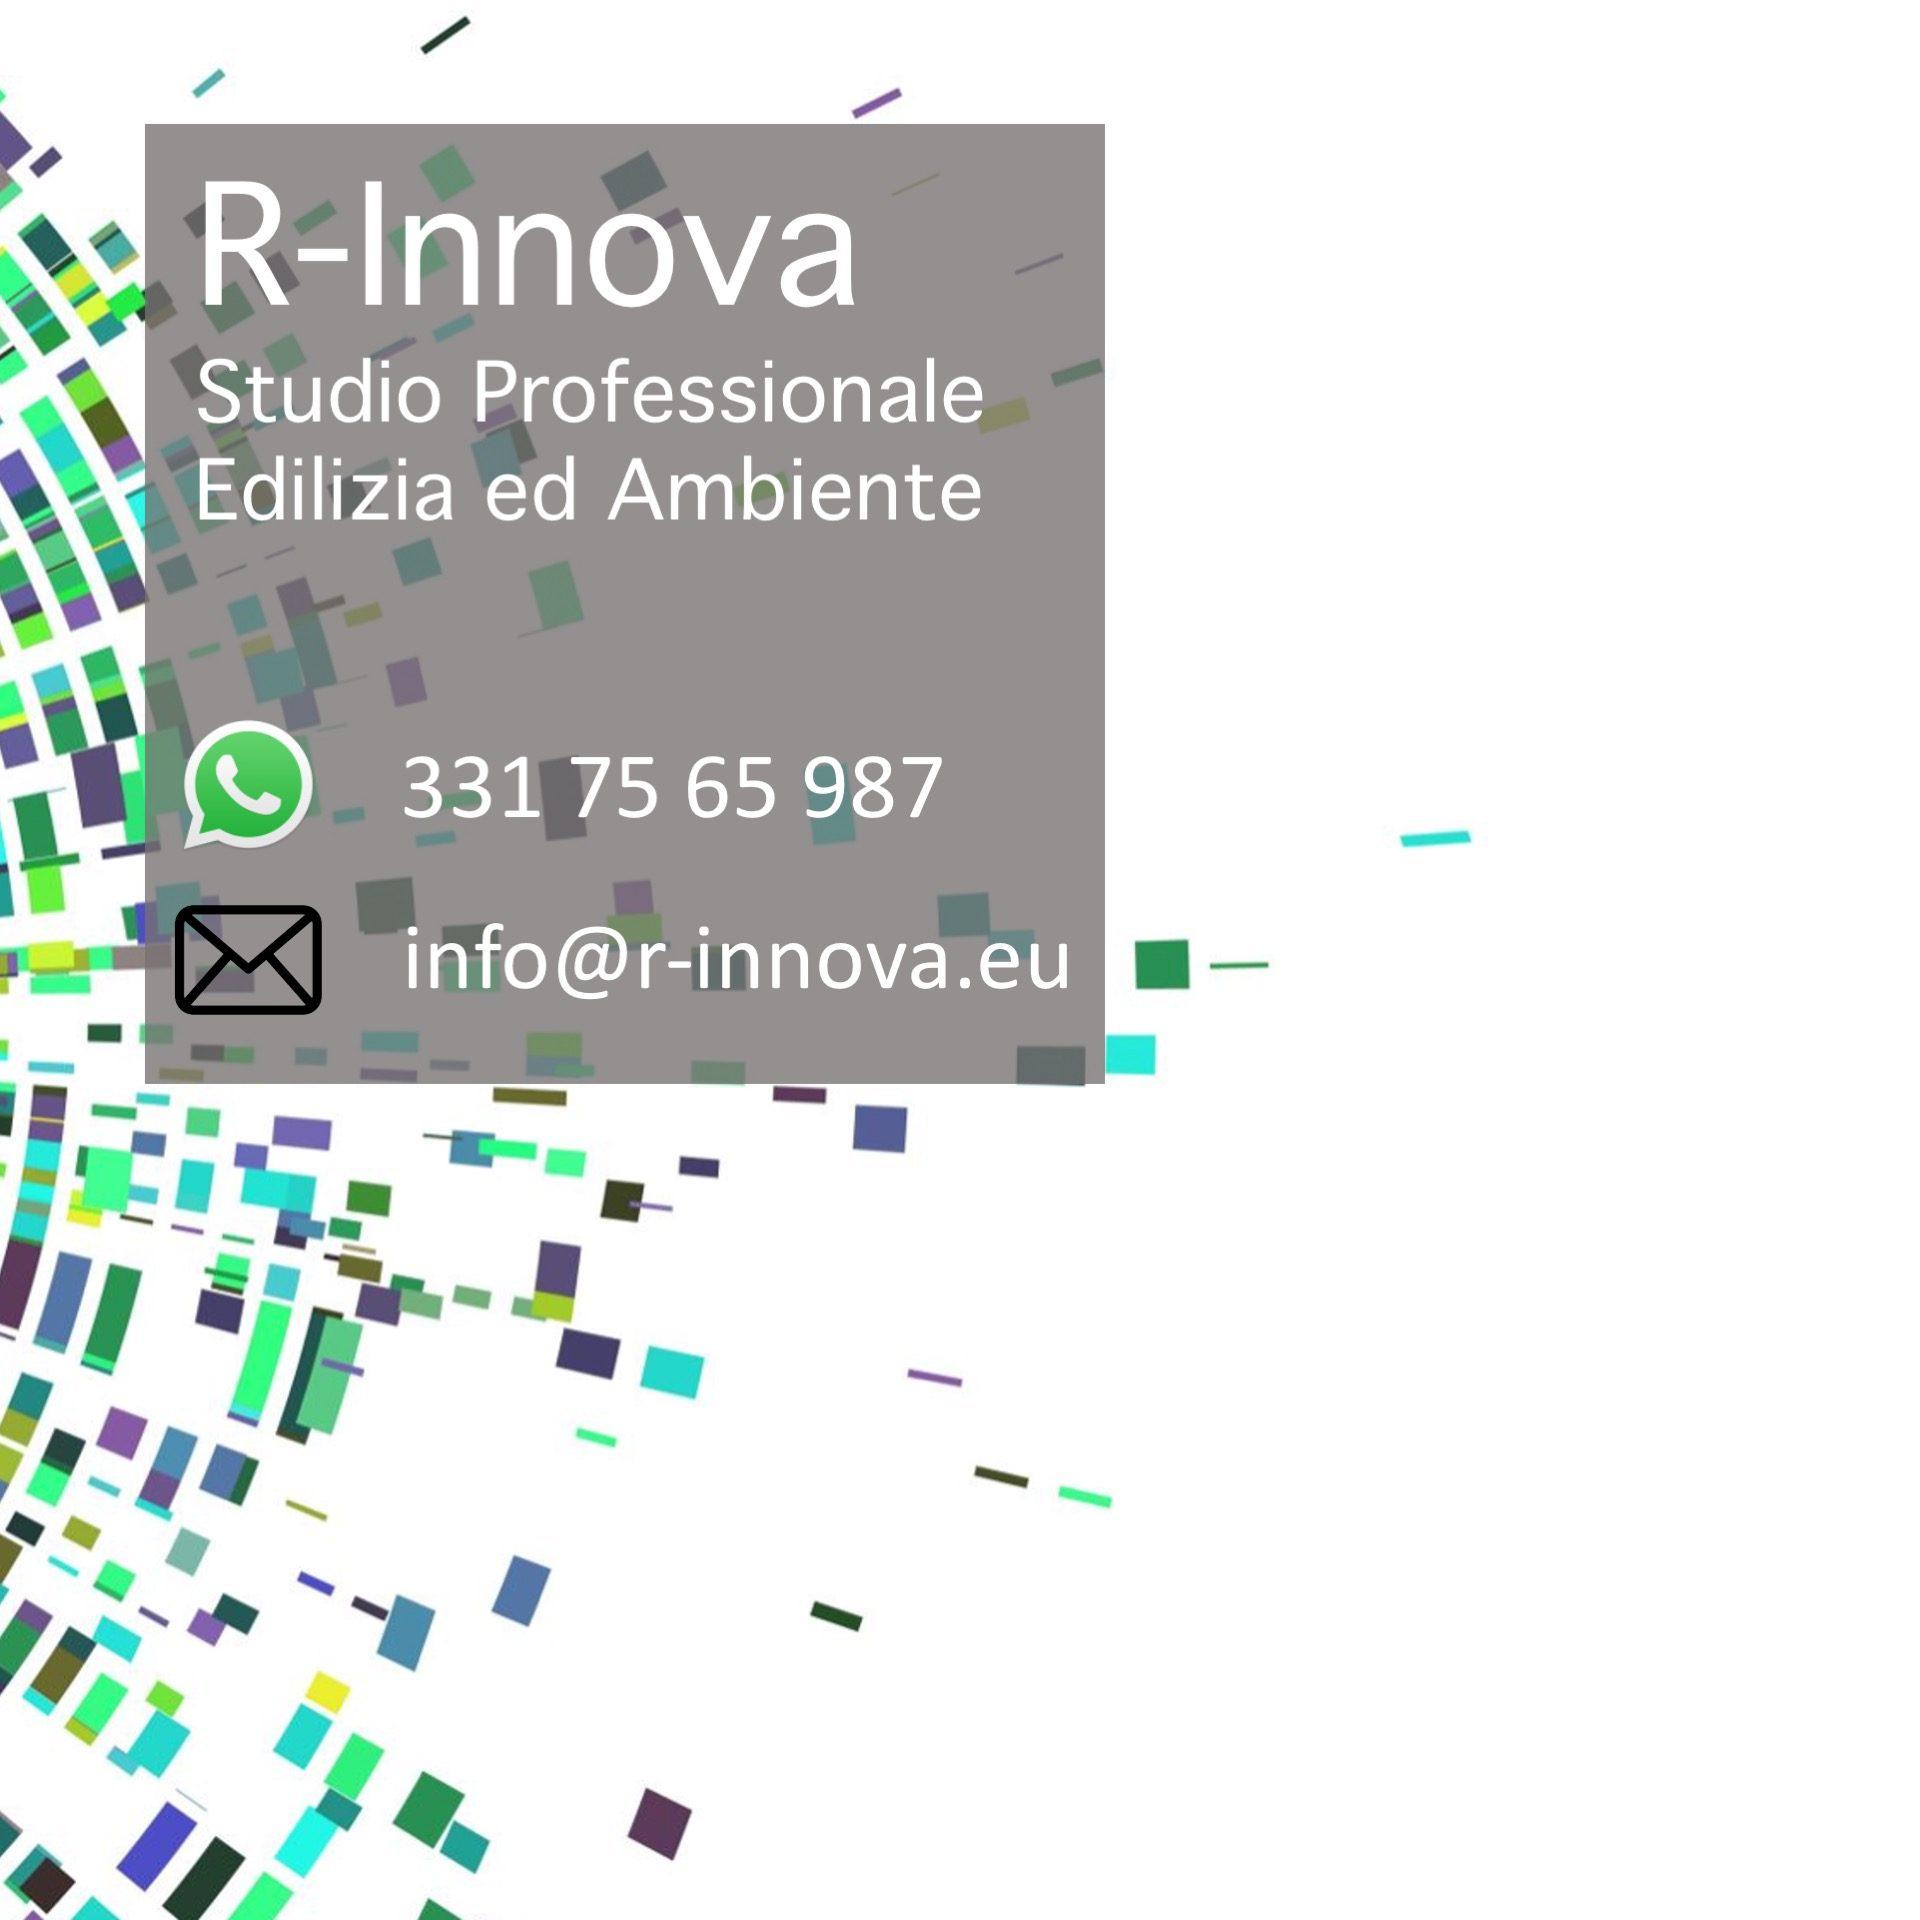 R-Innova